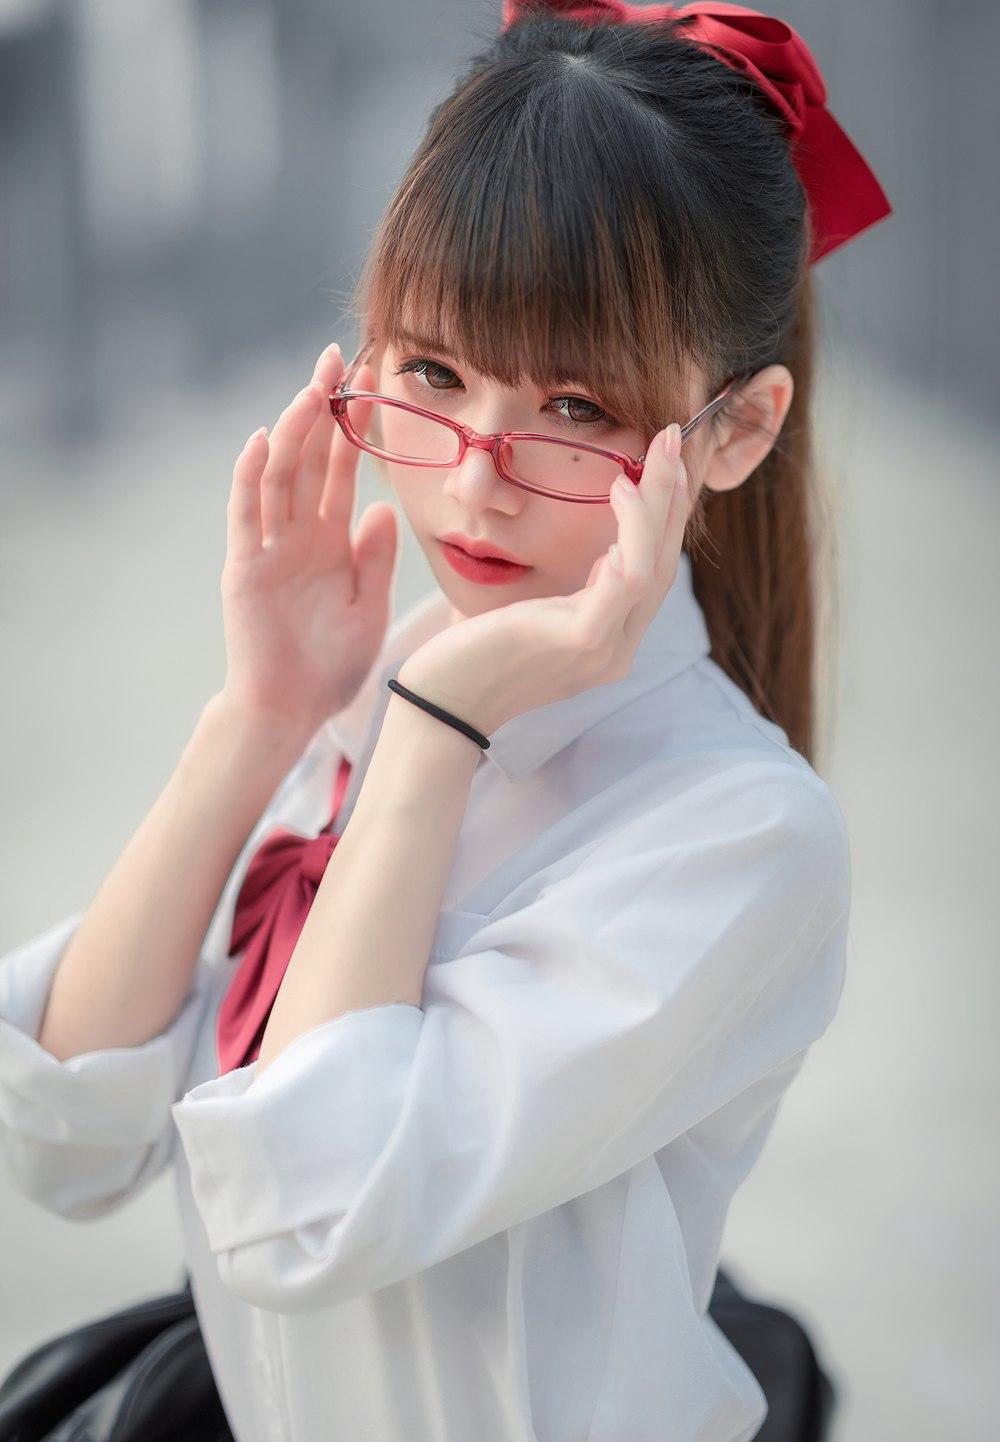 [喵糖映画] VOL.098 JK制服少女 [44P] -第1张